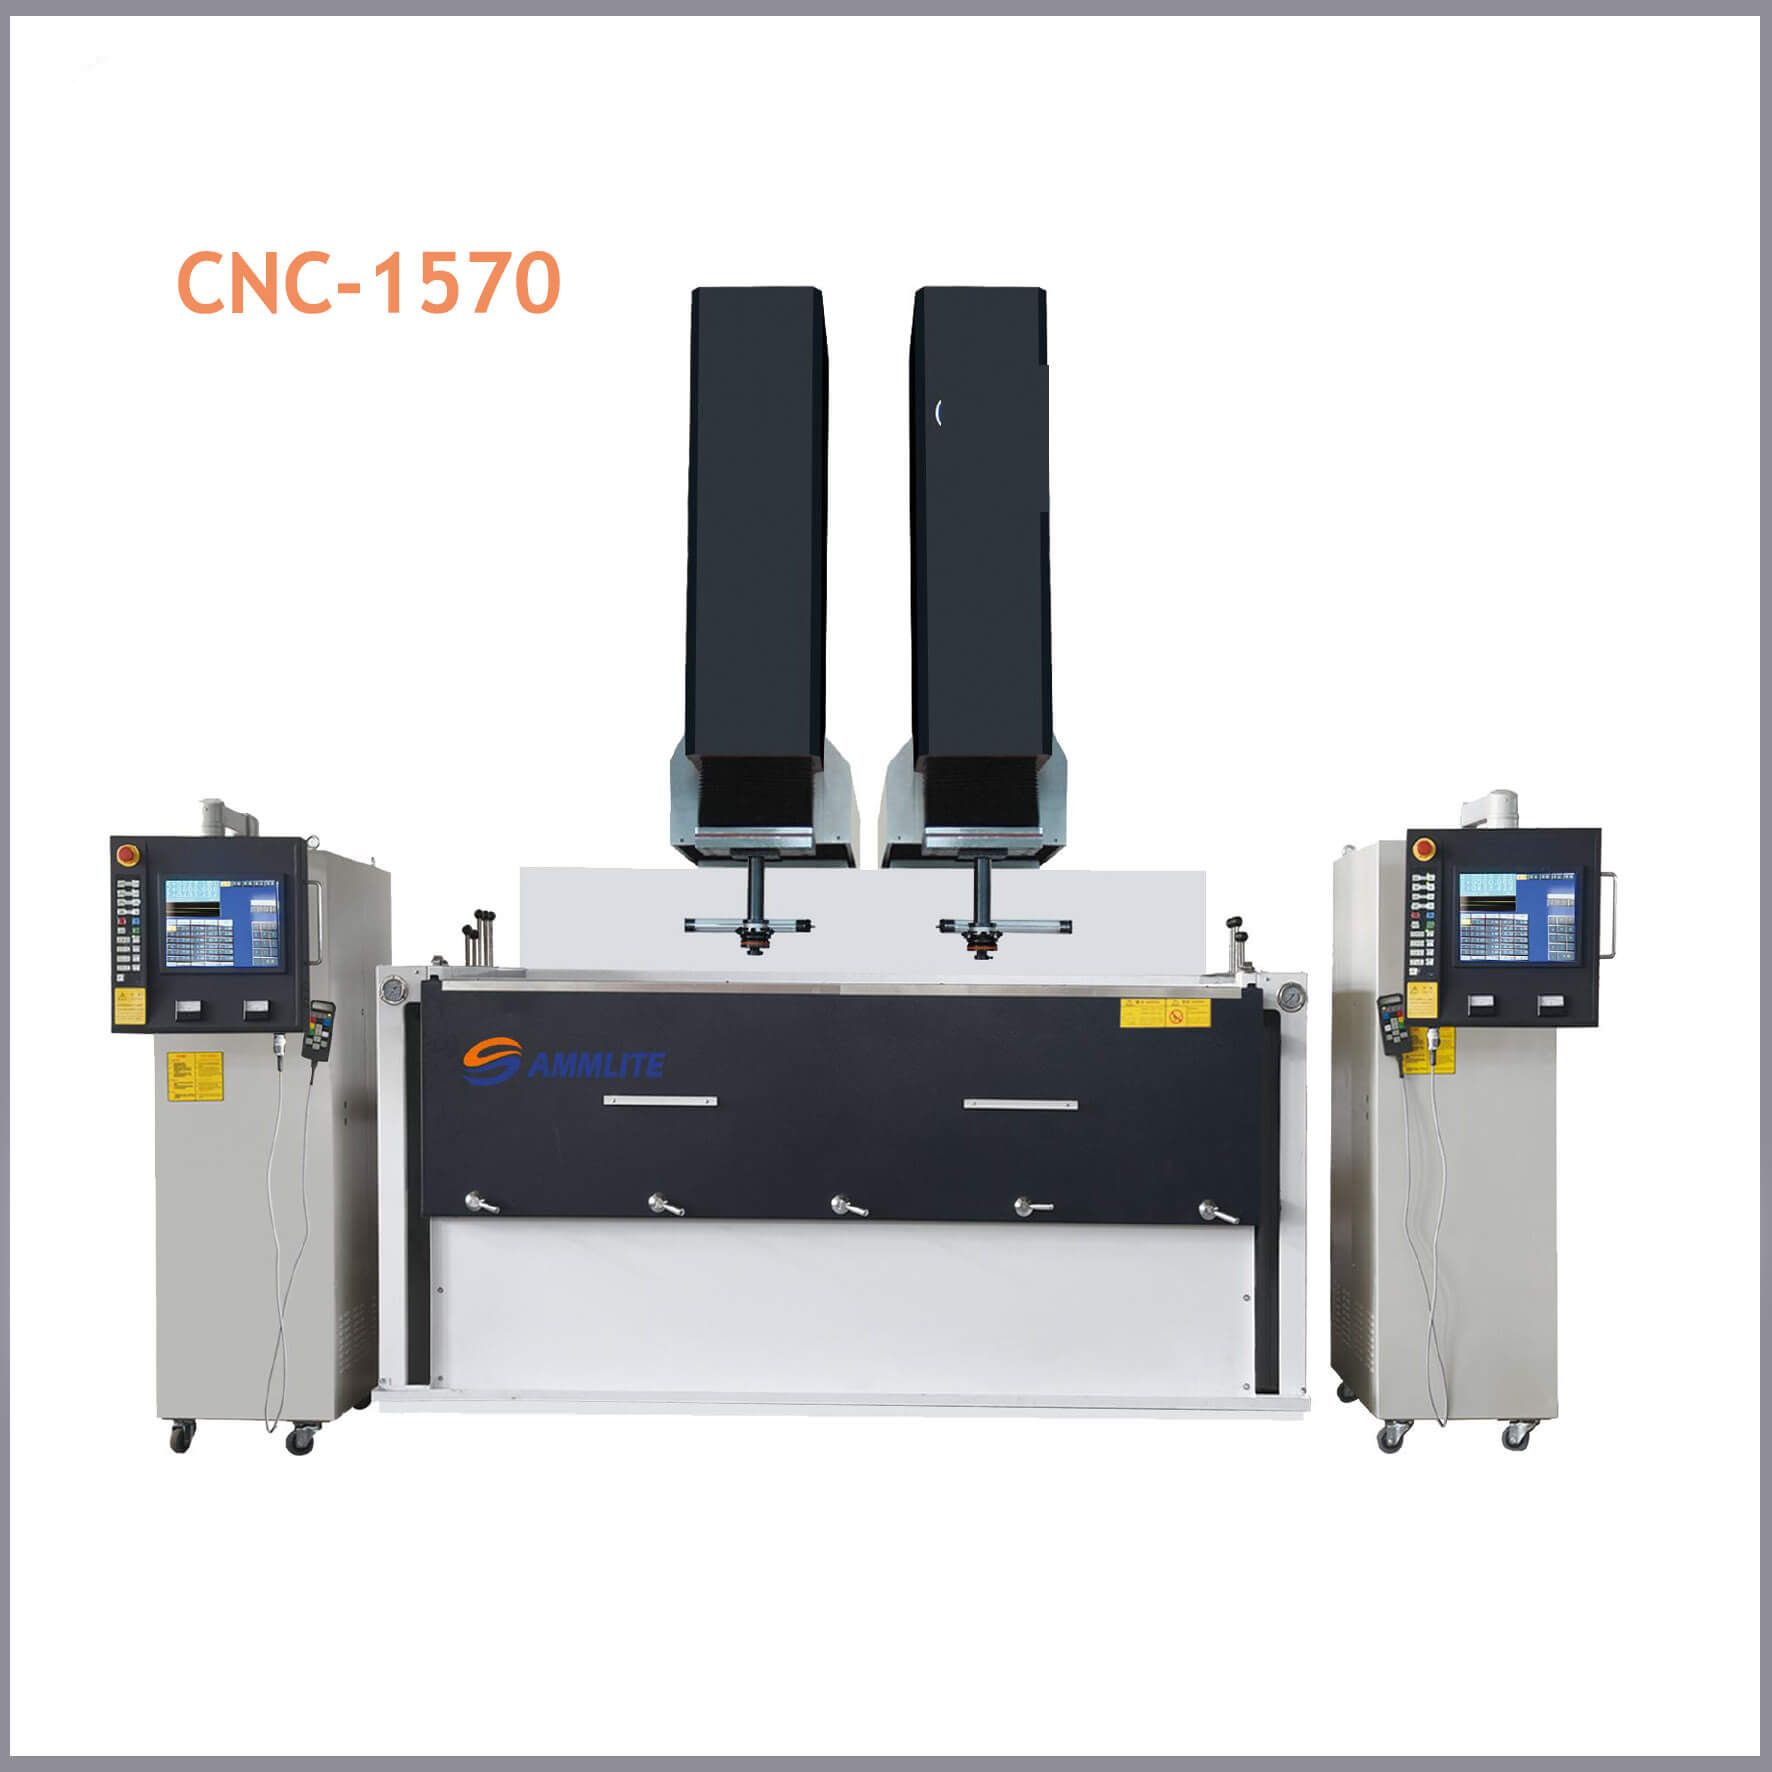 Sammlite CNC1570 Dalma Erozyon Tezgahı